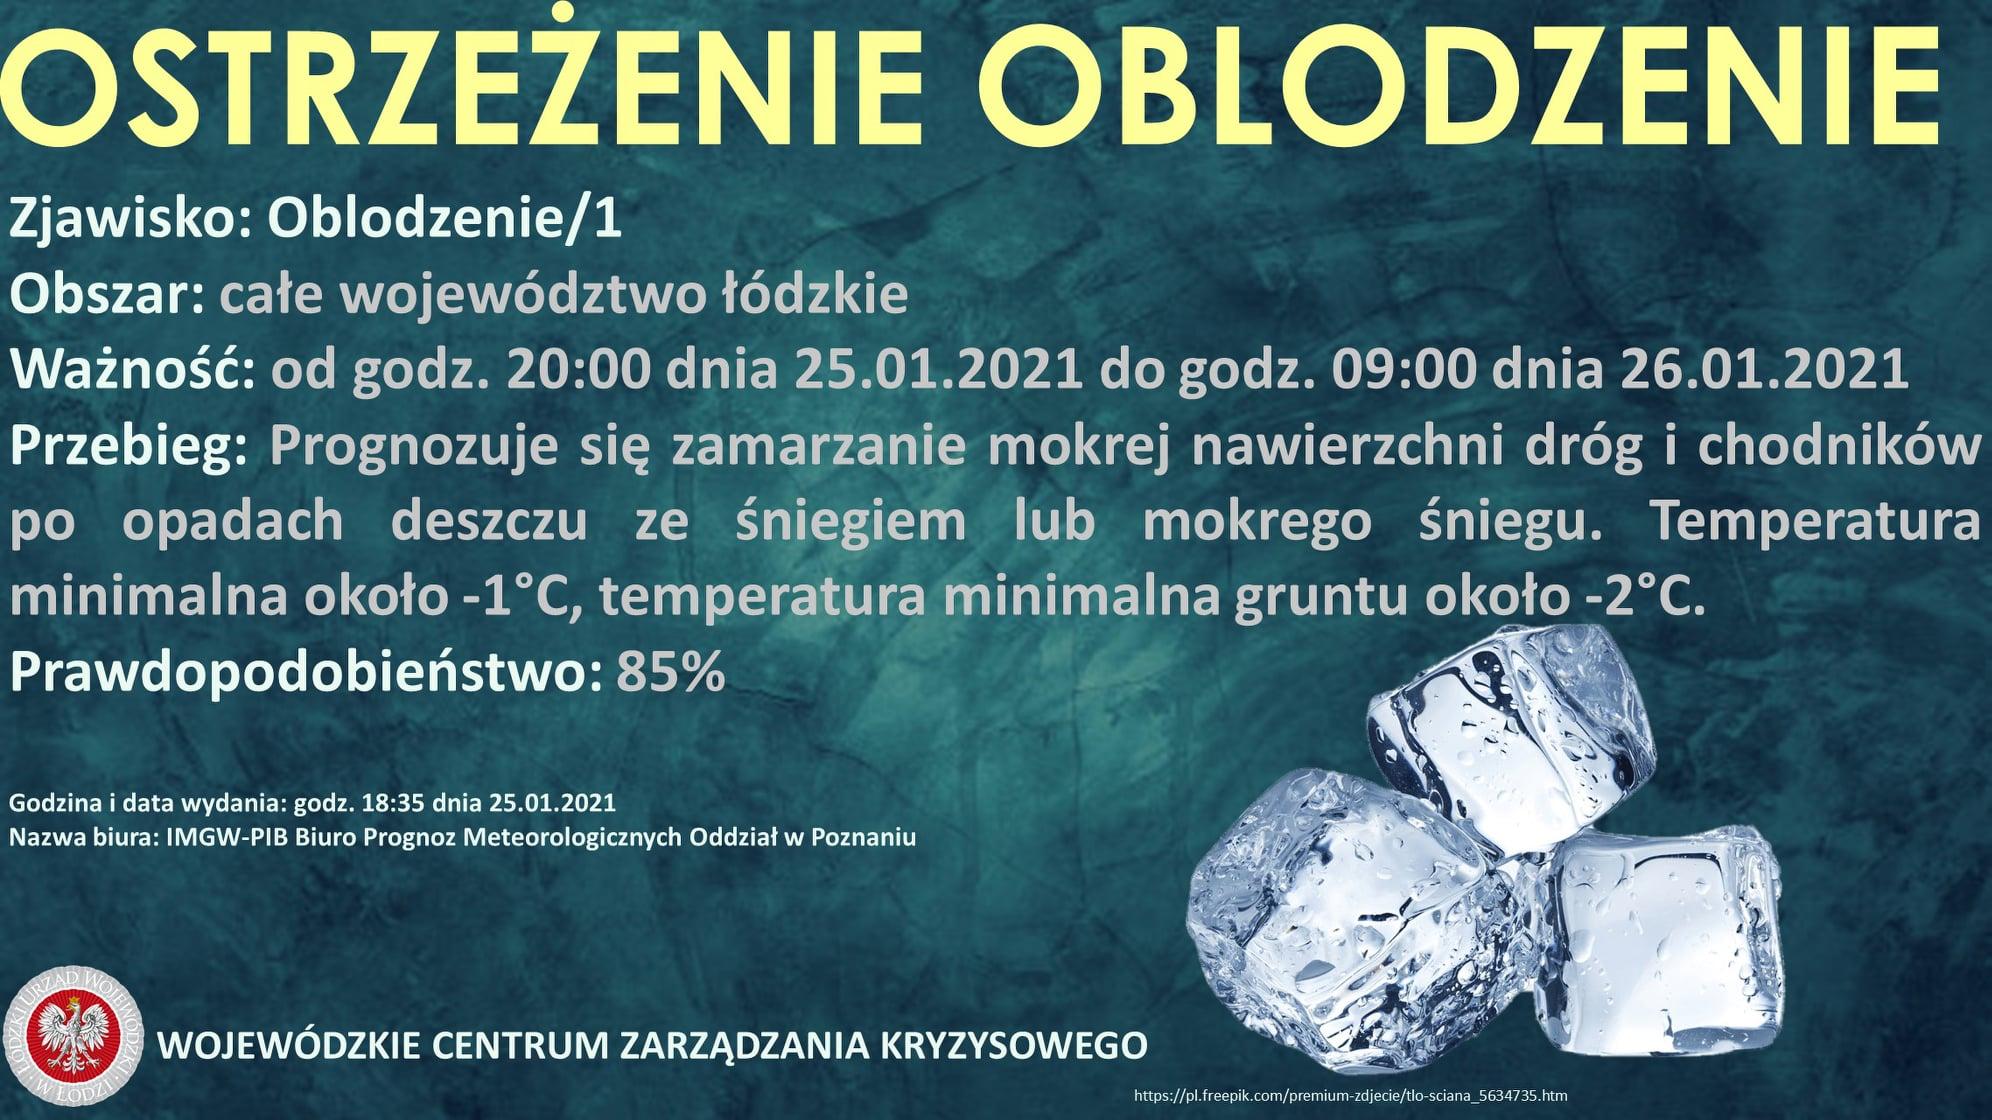 Ostrzeżenie meteorologiczne   Zjawisko: Oblodzenie/1  Obszar: całe województwo ł...